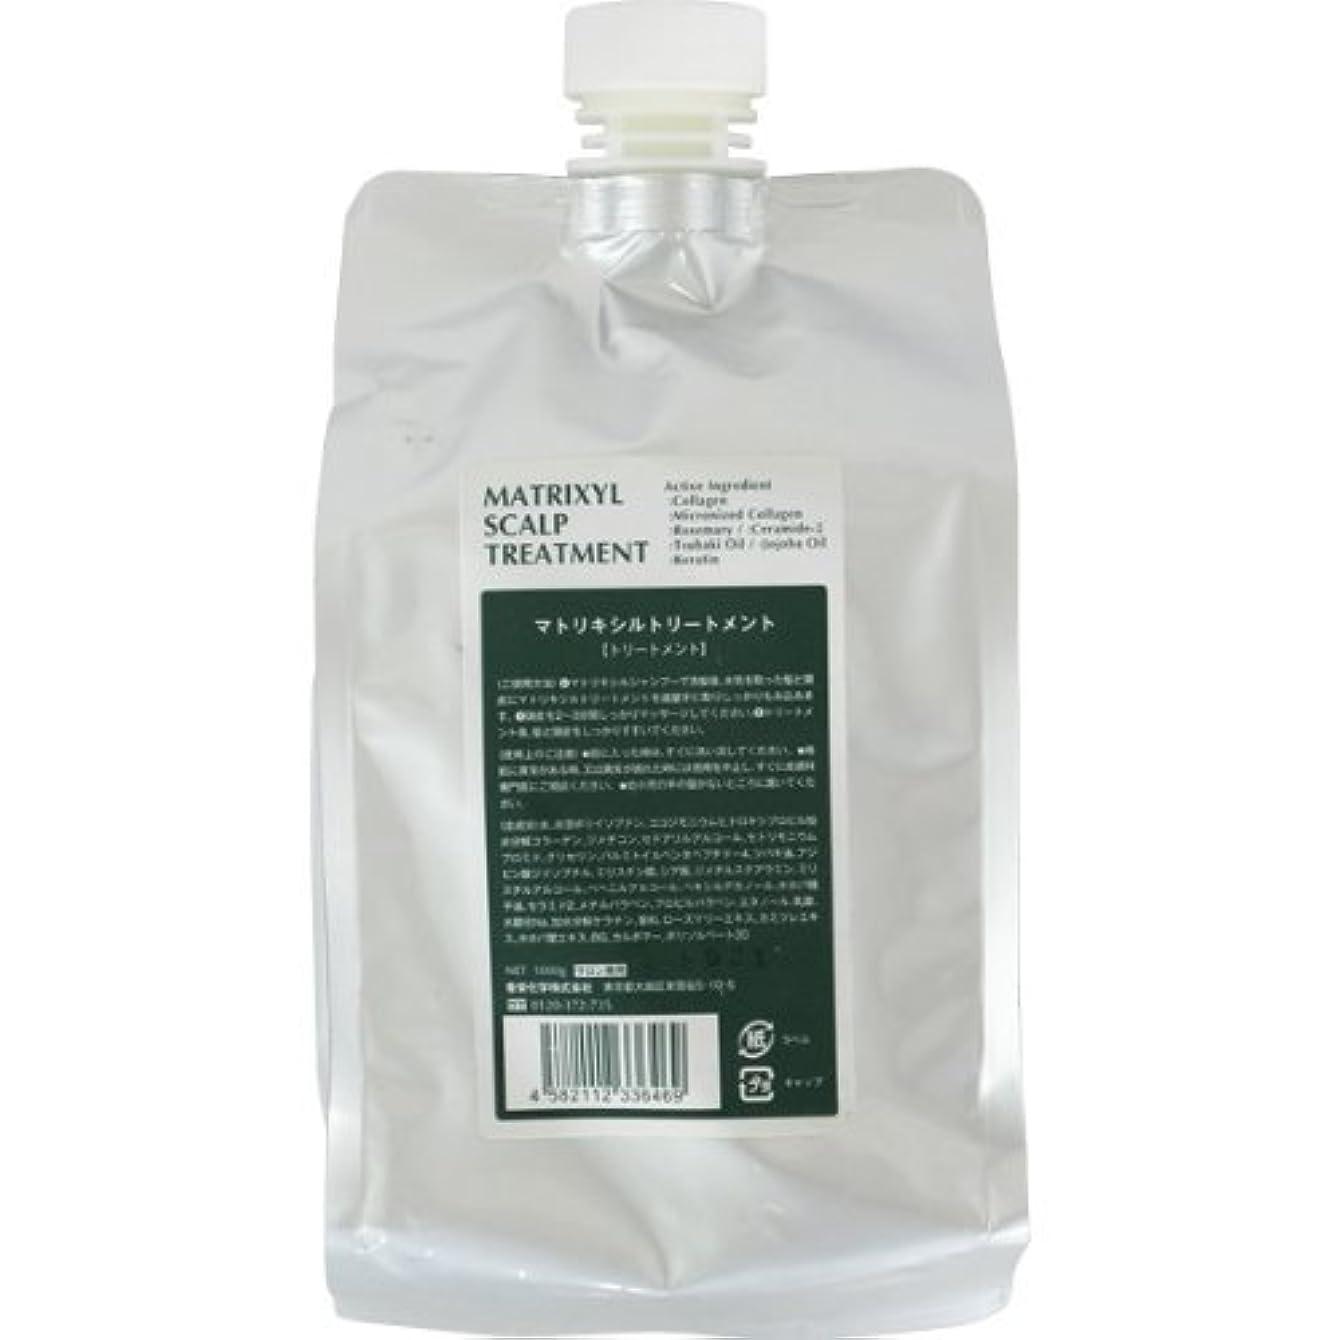 アイデアオゾン活発香栄化学 マトリキシル スキャルプトリートメント レフィル 1000g